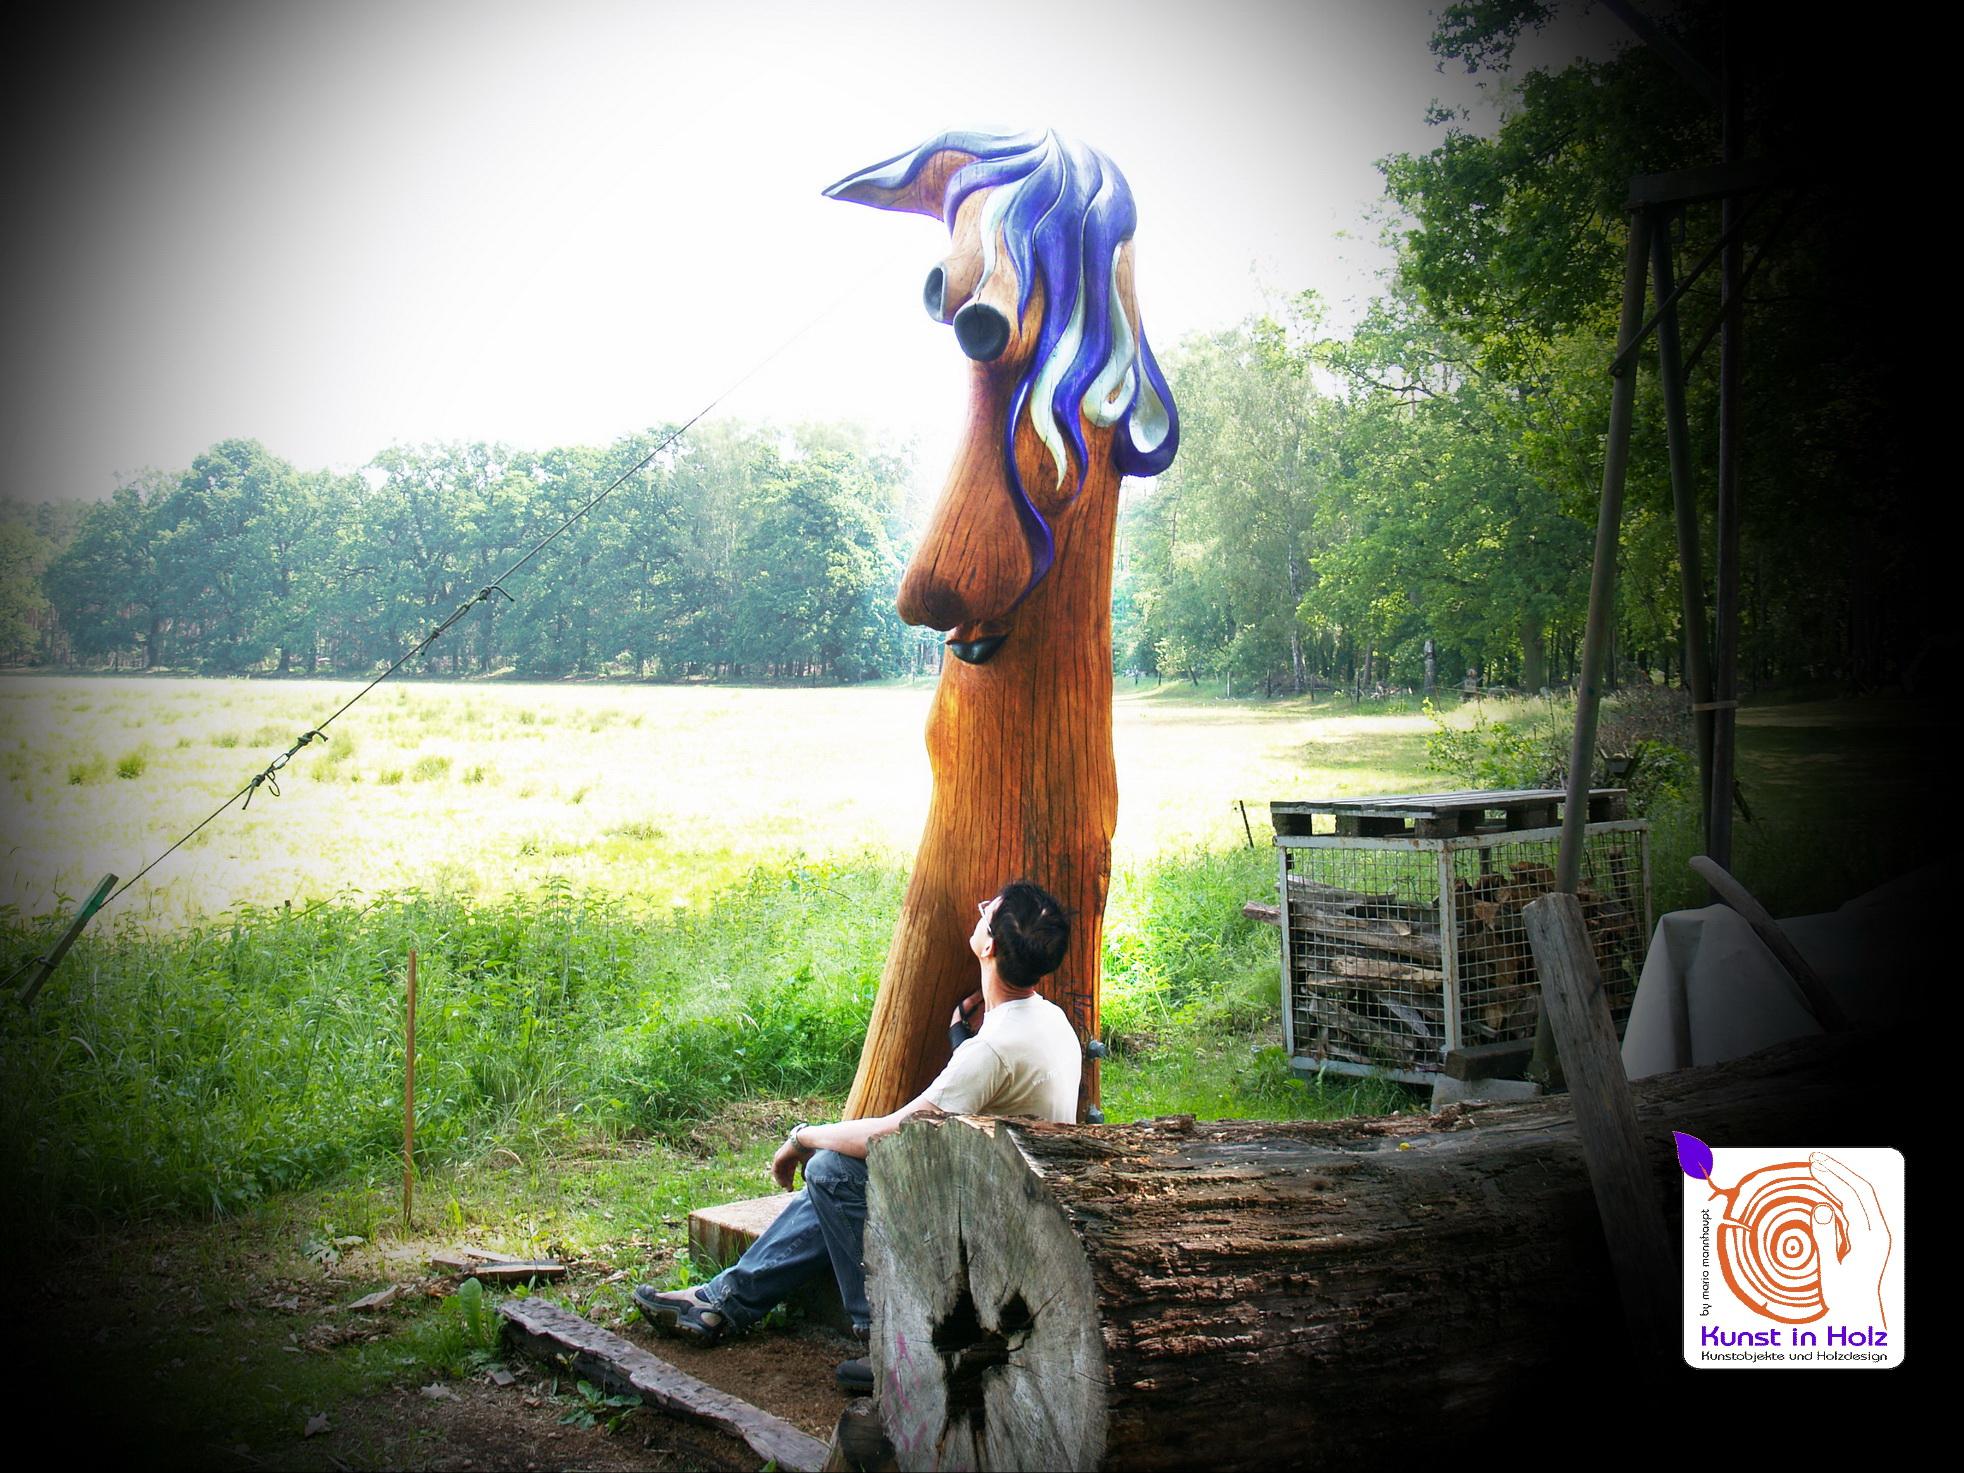 Kunst in Holz mit lila Kunstwerk